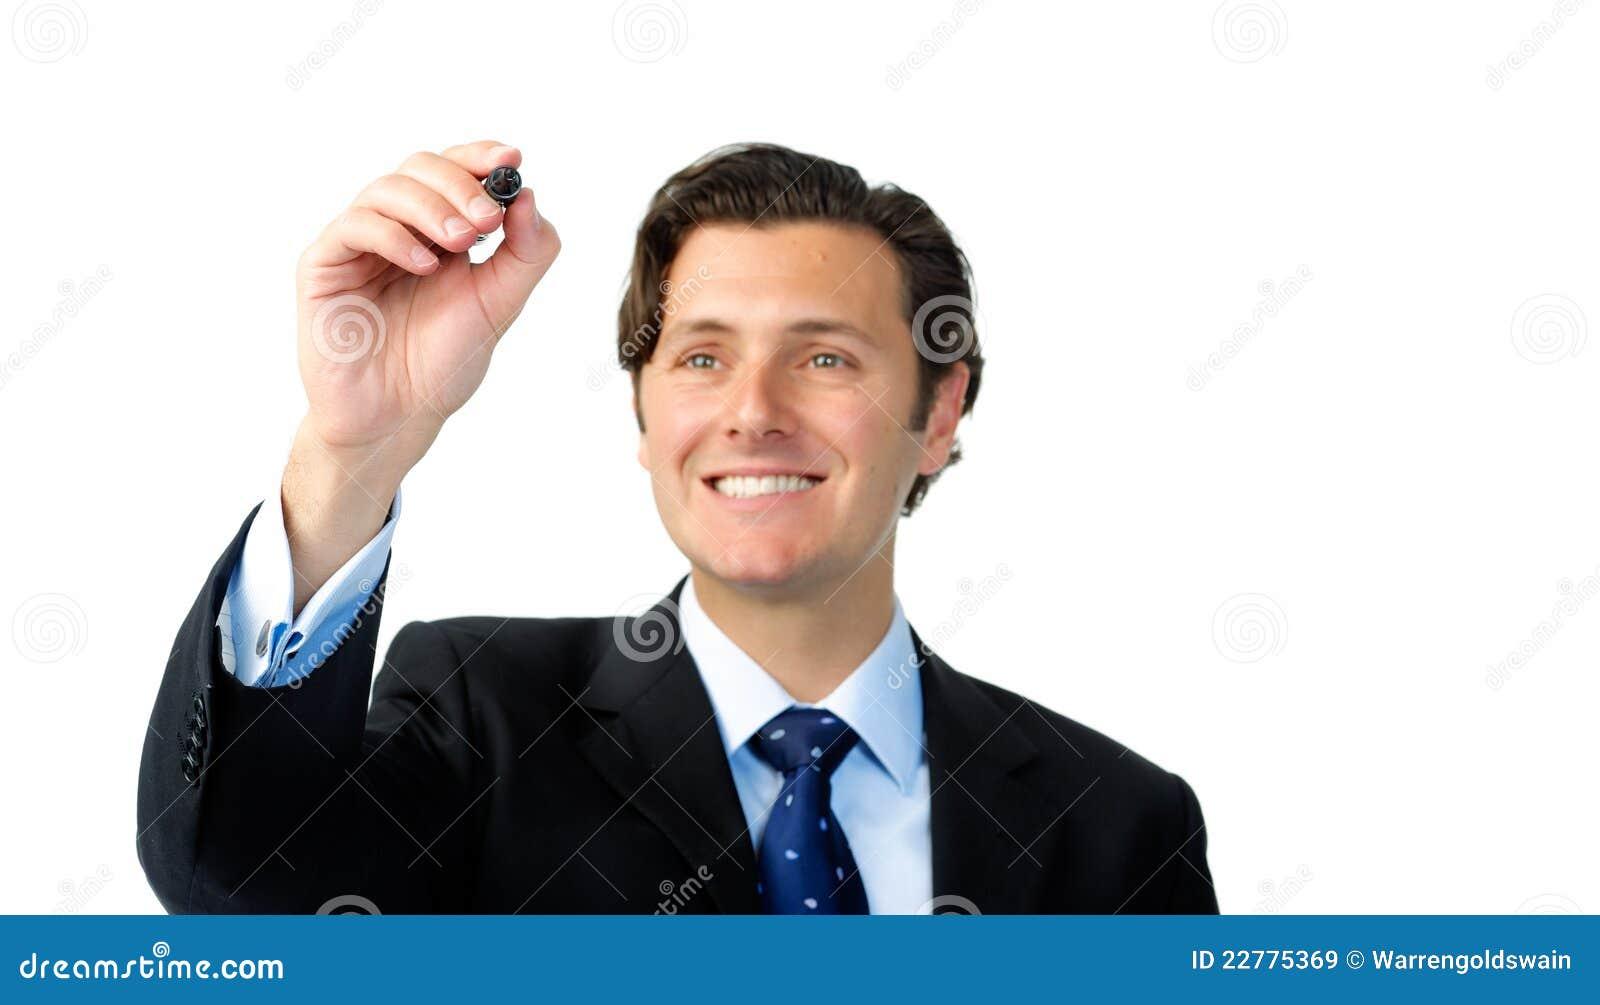 Lächelnder Geschäftsmann schreibt mit einer Markierung in mitten in der Luft